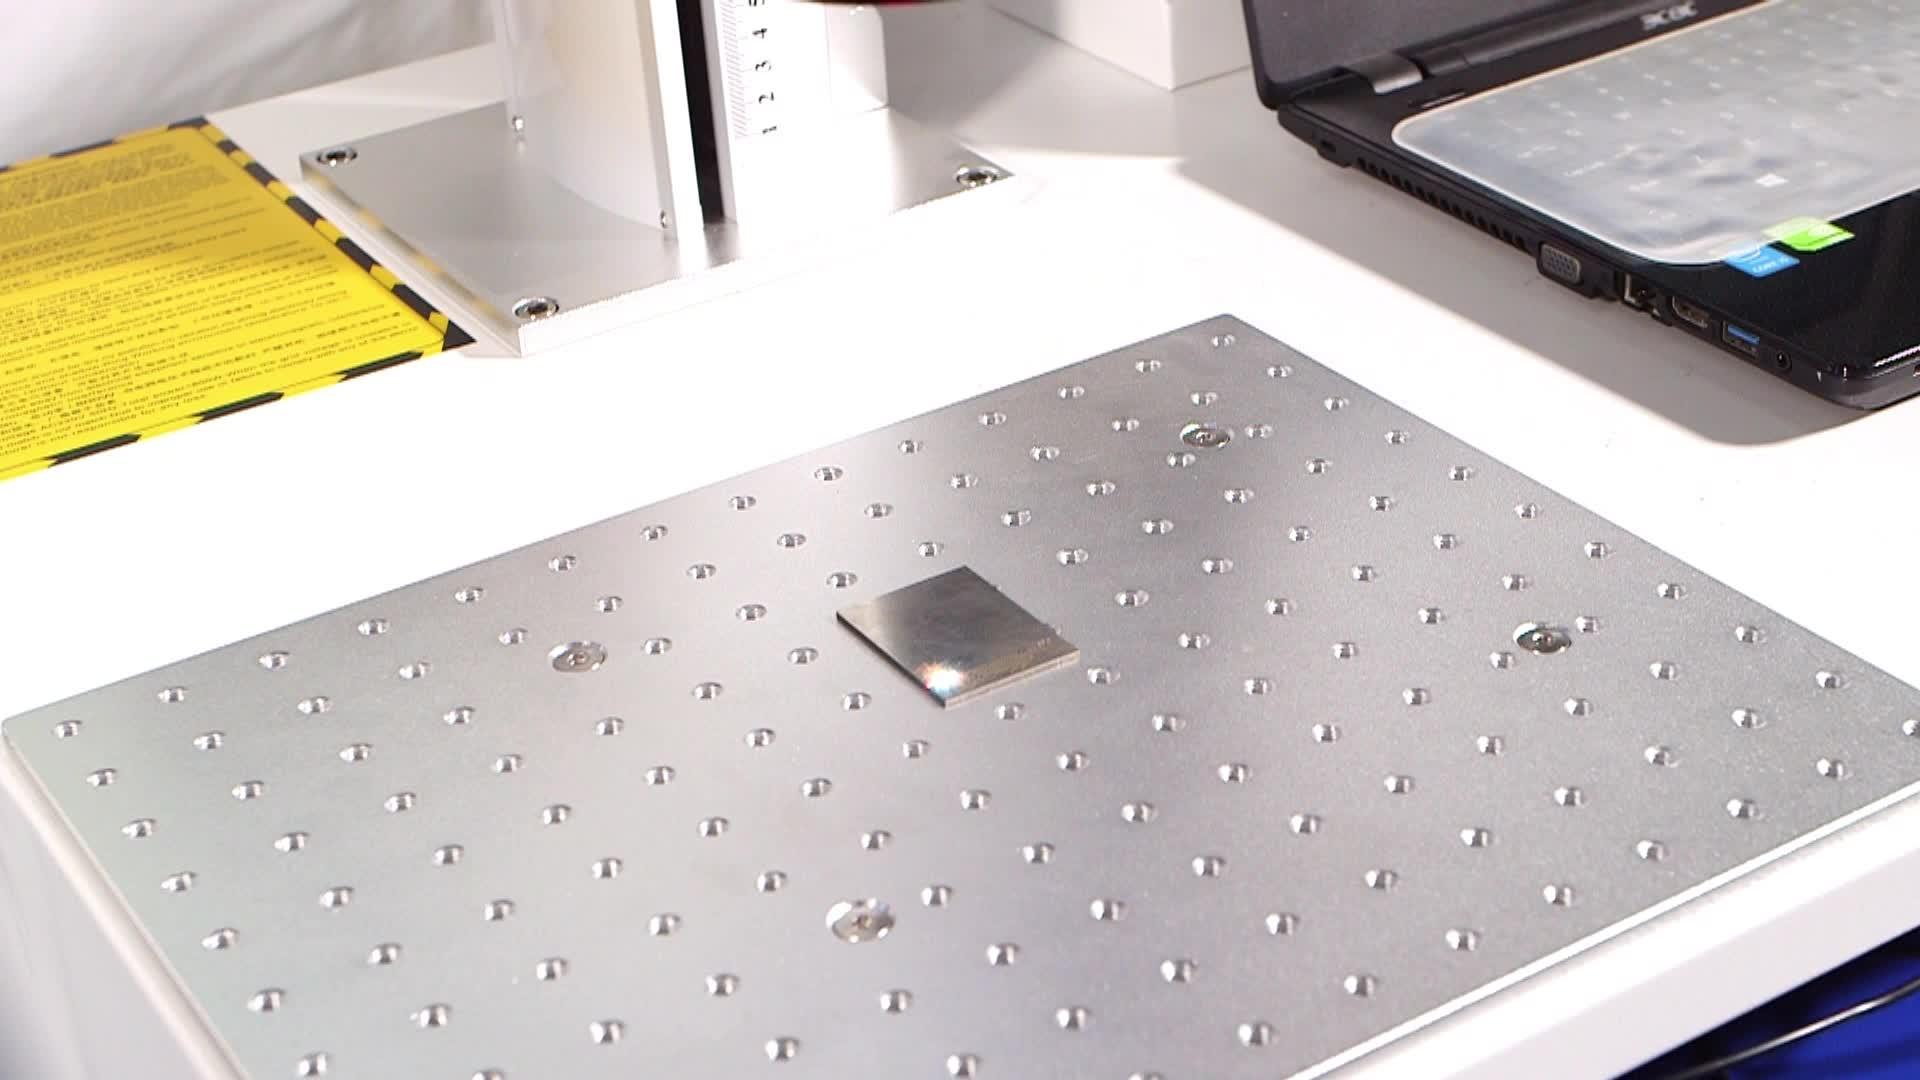 ประเภทตาราง 20 W 30 W ไฟเบอร์เลเซอร์เครื่องหมาย 3D โลหะแกะสลักโลโก้โปรโมชั่นราคา